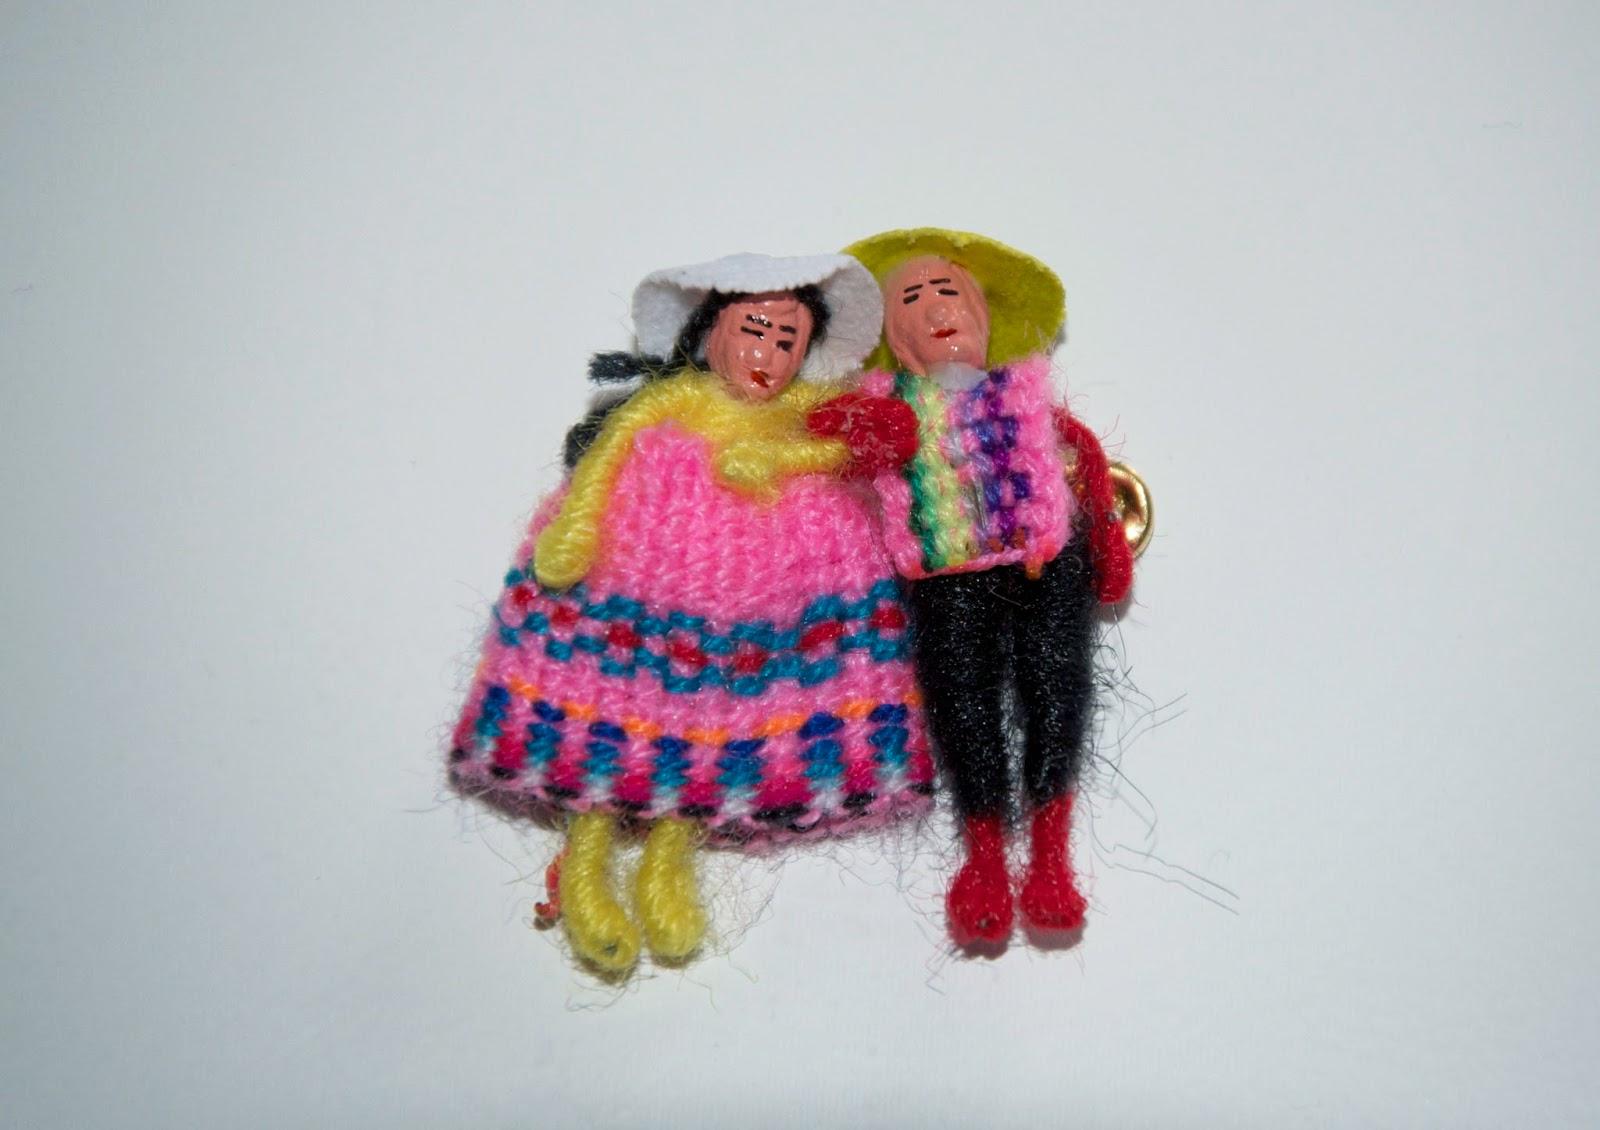 Peruvian wedding souvenier